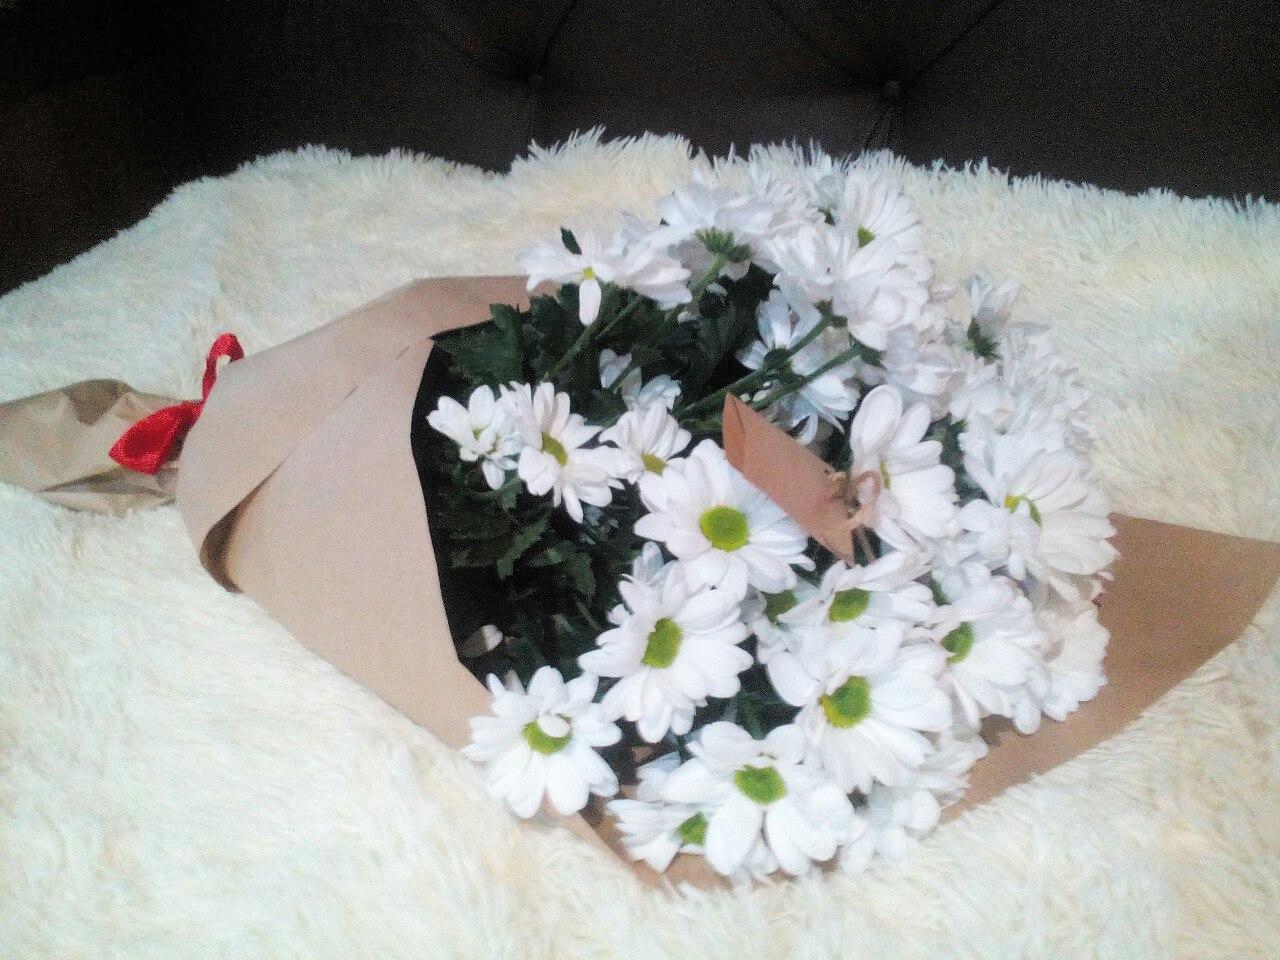 Делаем букет из хризантем сами: советы и мастер-класс 54